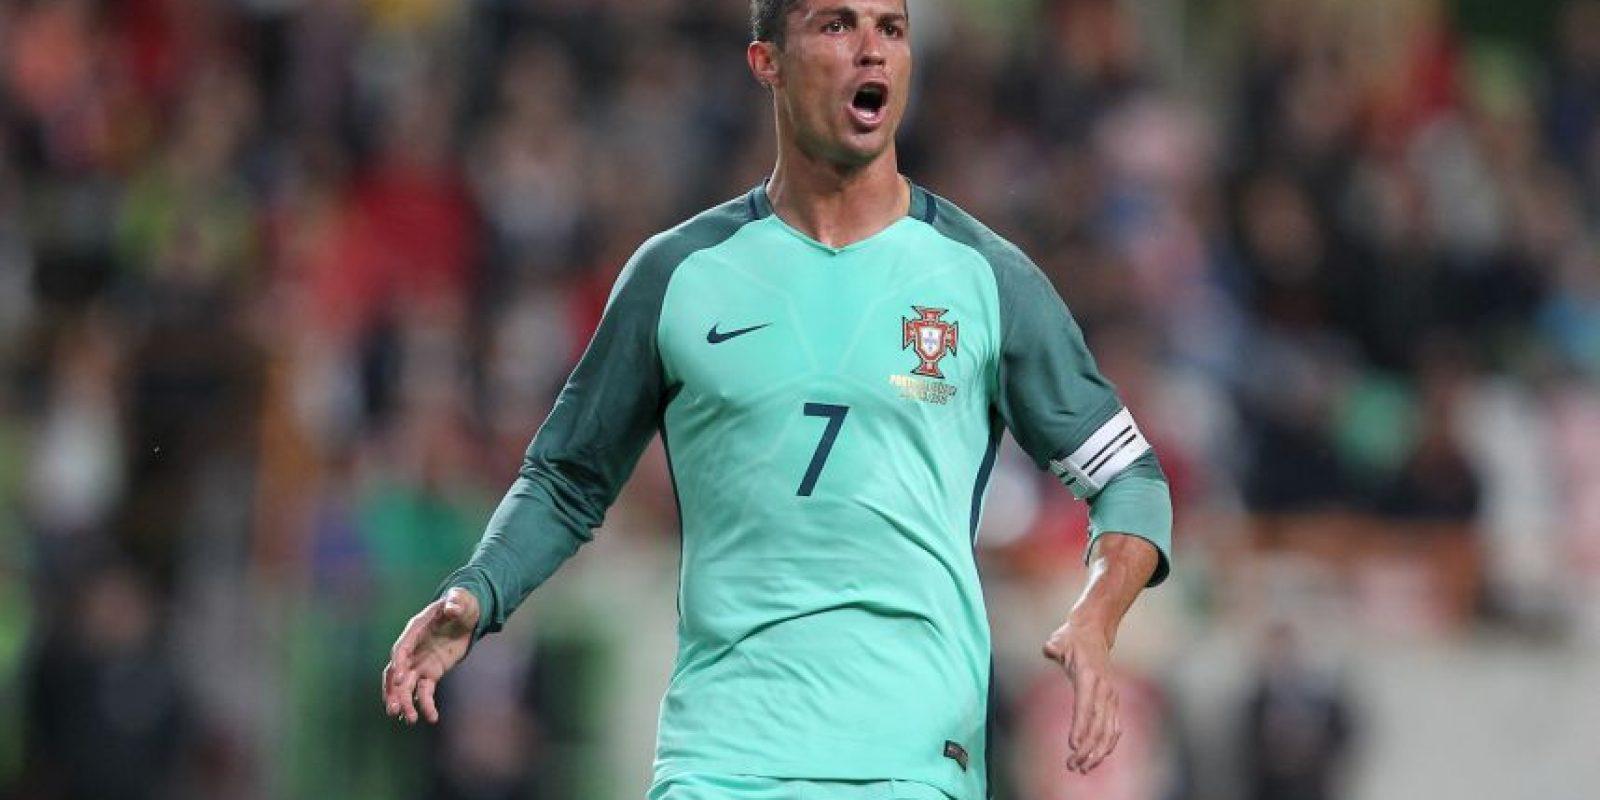 El astro alemán asegura que los lusos quedarán eliminados en primera ronda, pese al poderío de Cristiano Ronaldo Foto:Getty Images